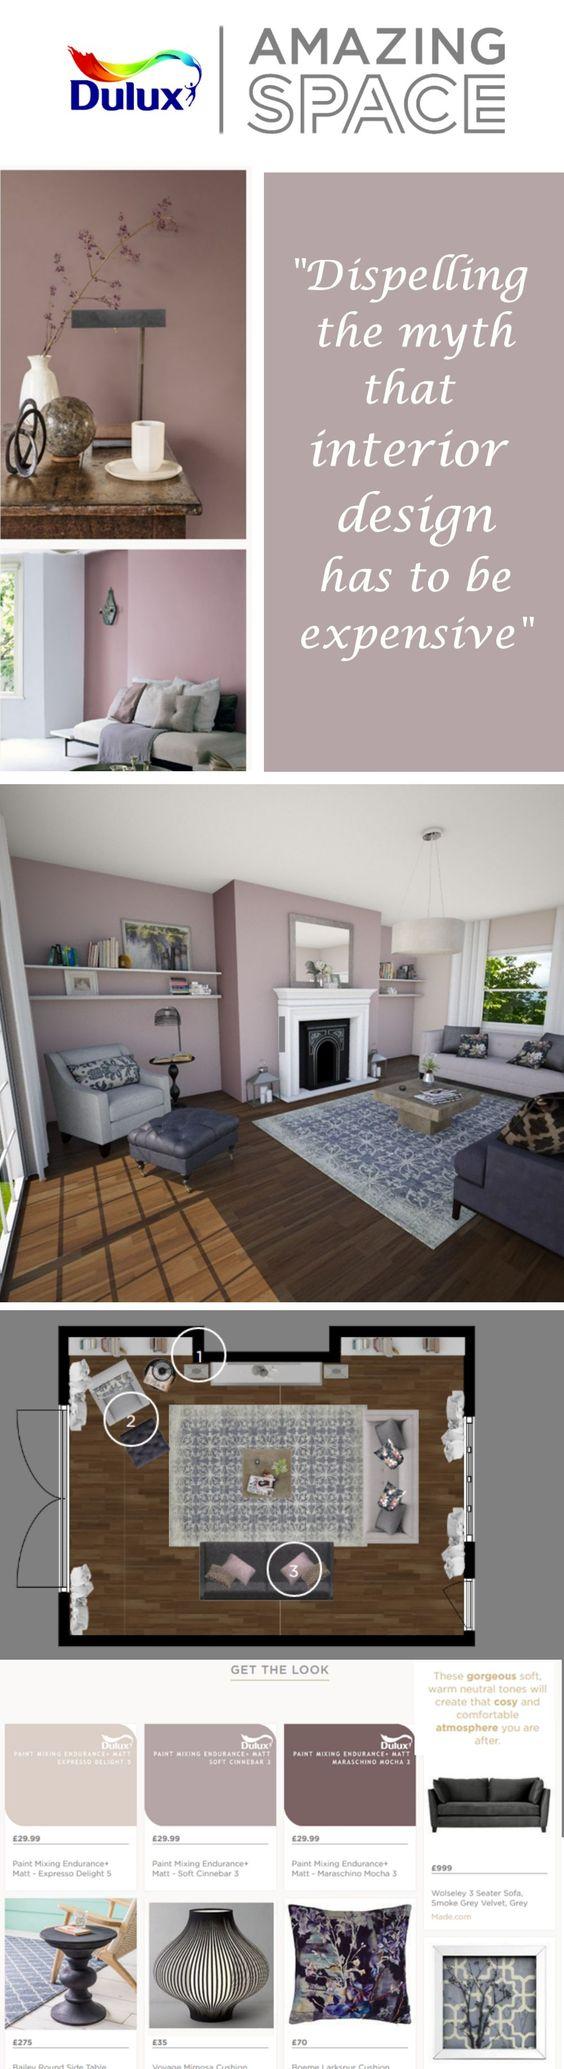 interior design consultation services - completely personalised interior design service and affordable ...